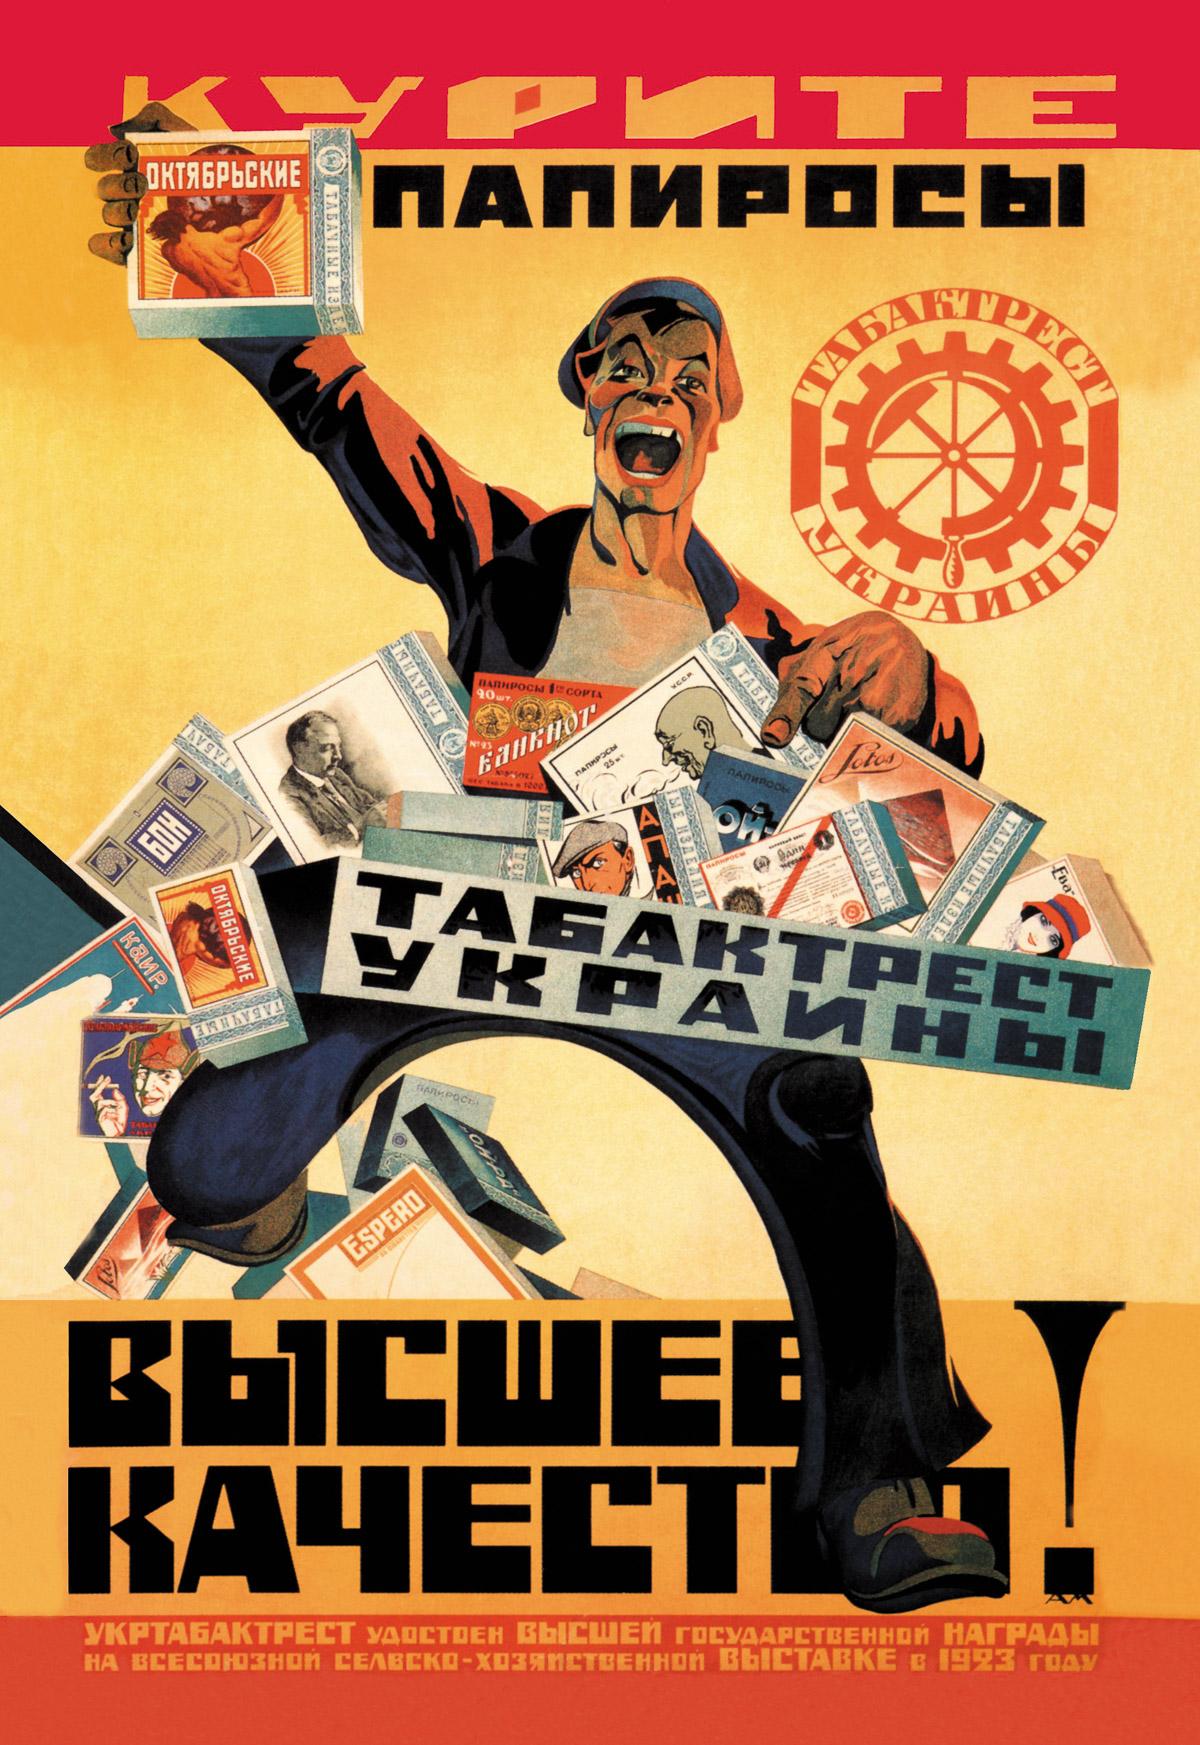 Реклама табачных изделий на улице торговля табачными изделиями нужна ли лицензия